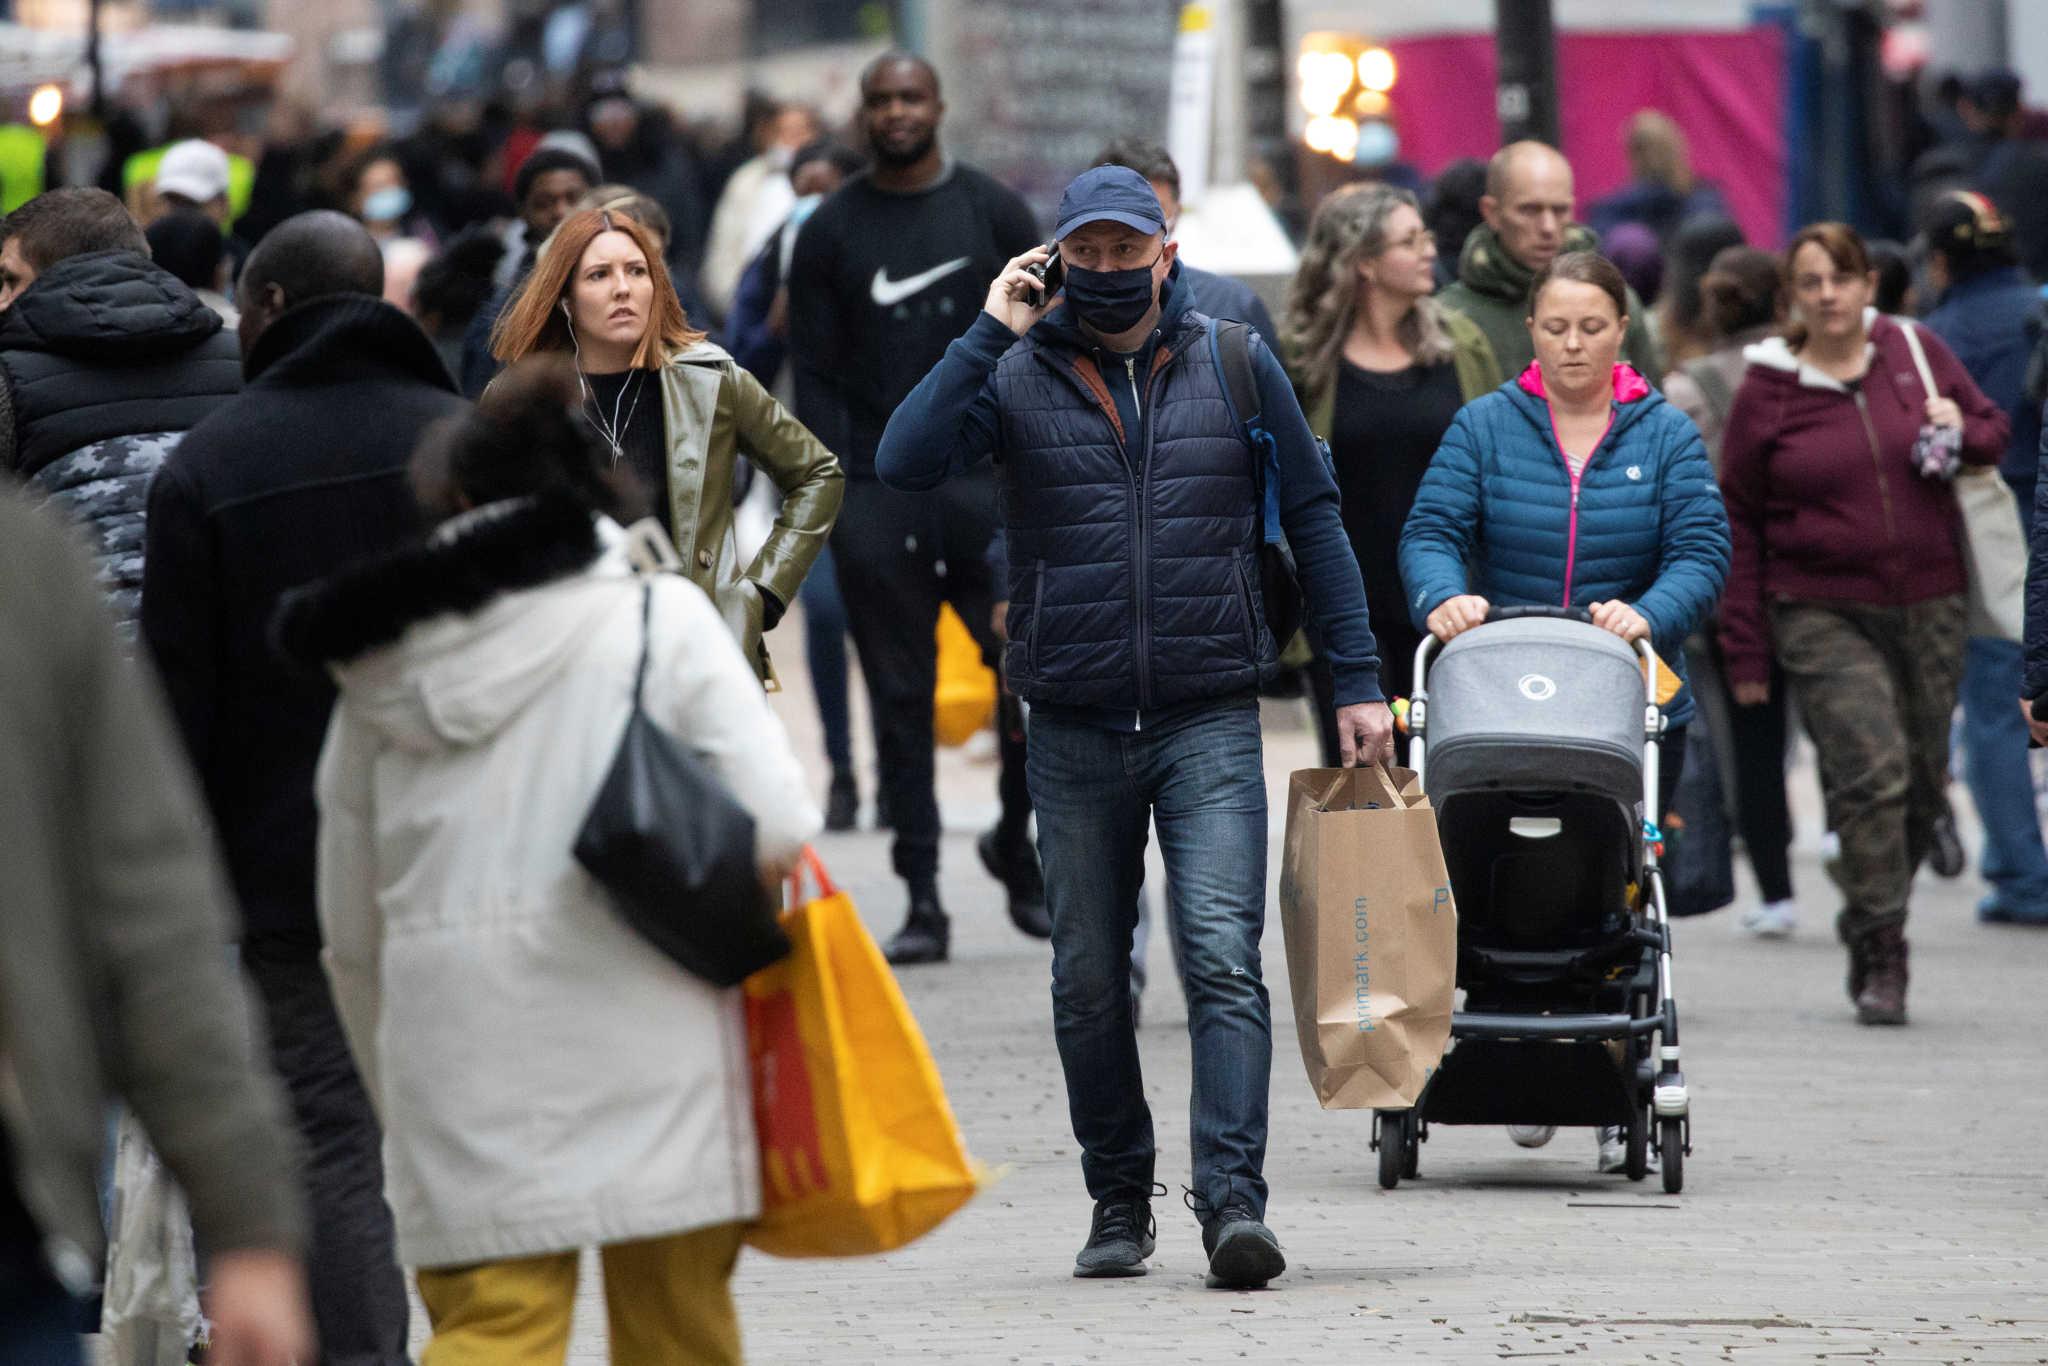 Μια ανάσα από το lockdown το Λονδίνο! Σκληρά μέτρα για έξι μήνες